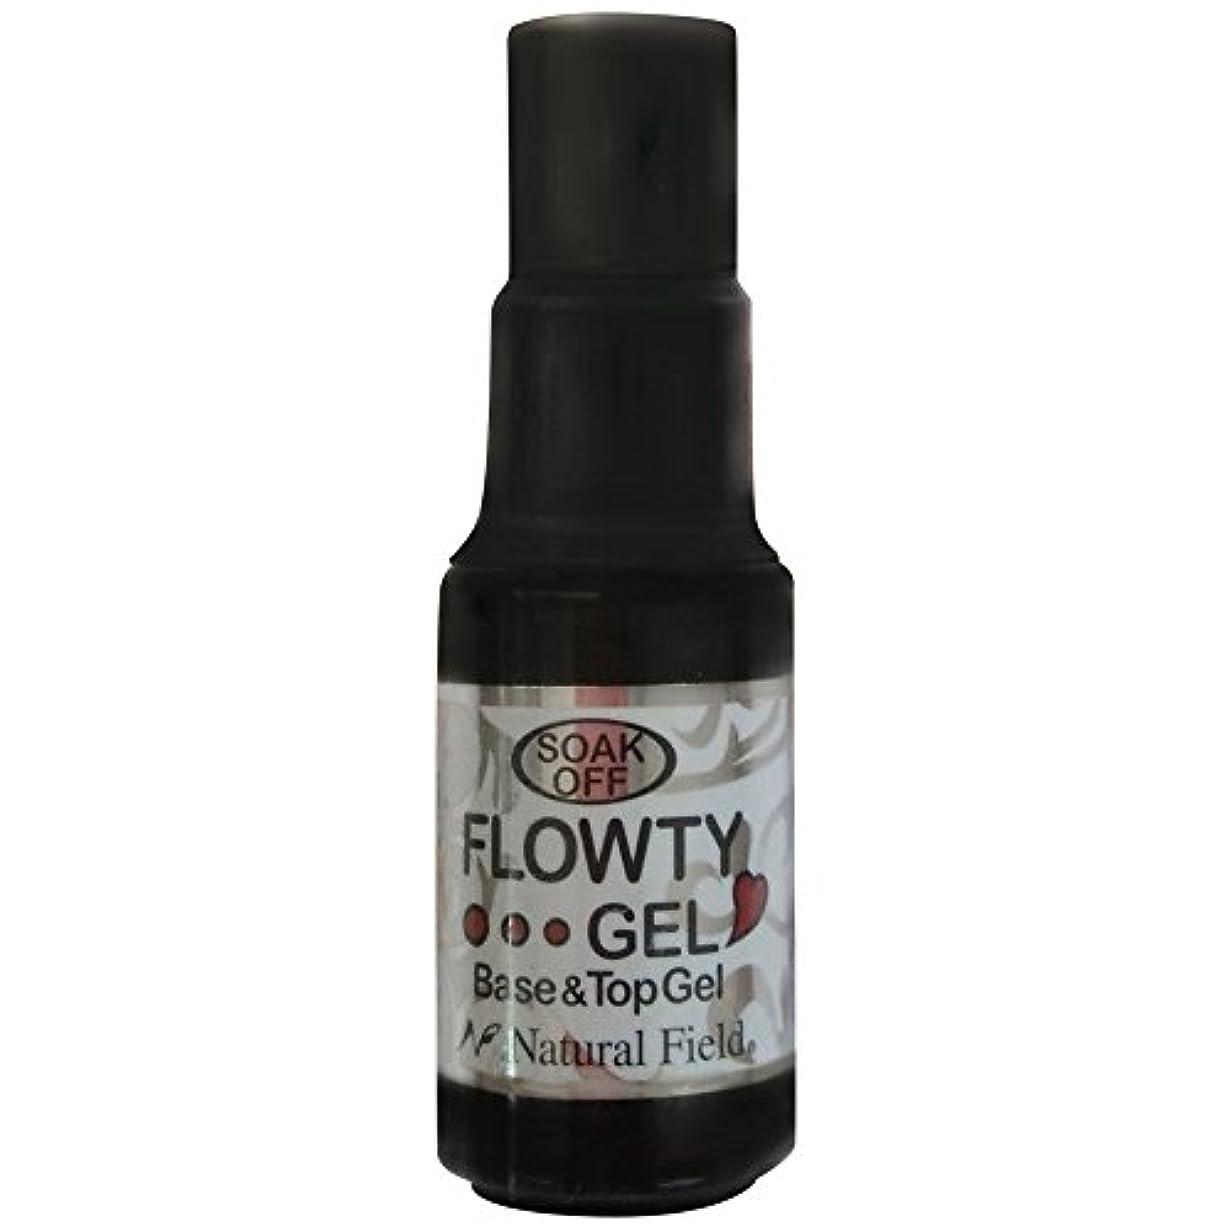 酸っぱいデクリメント治世Natural Field Melty Gel フローティジェル 4100 ベース&トップジェル 7ml